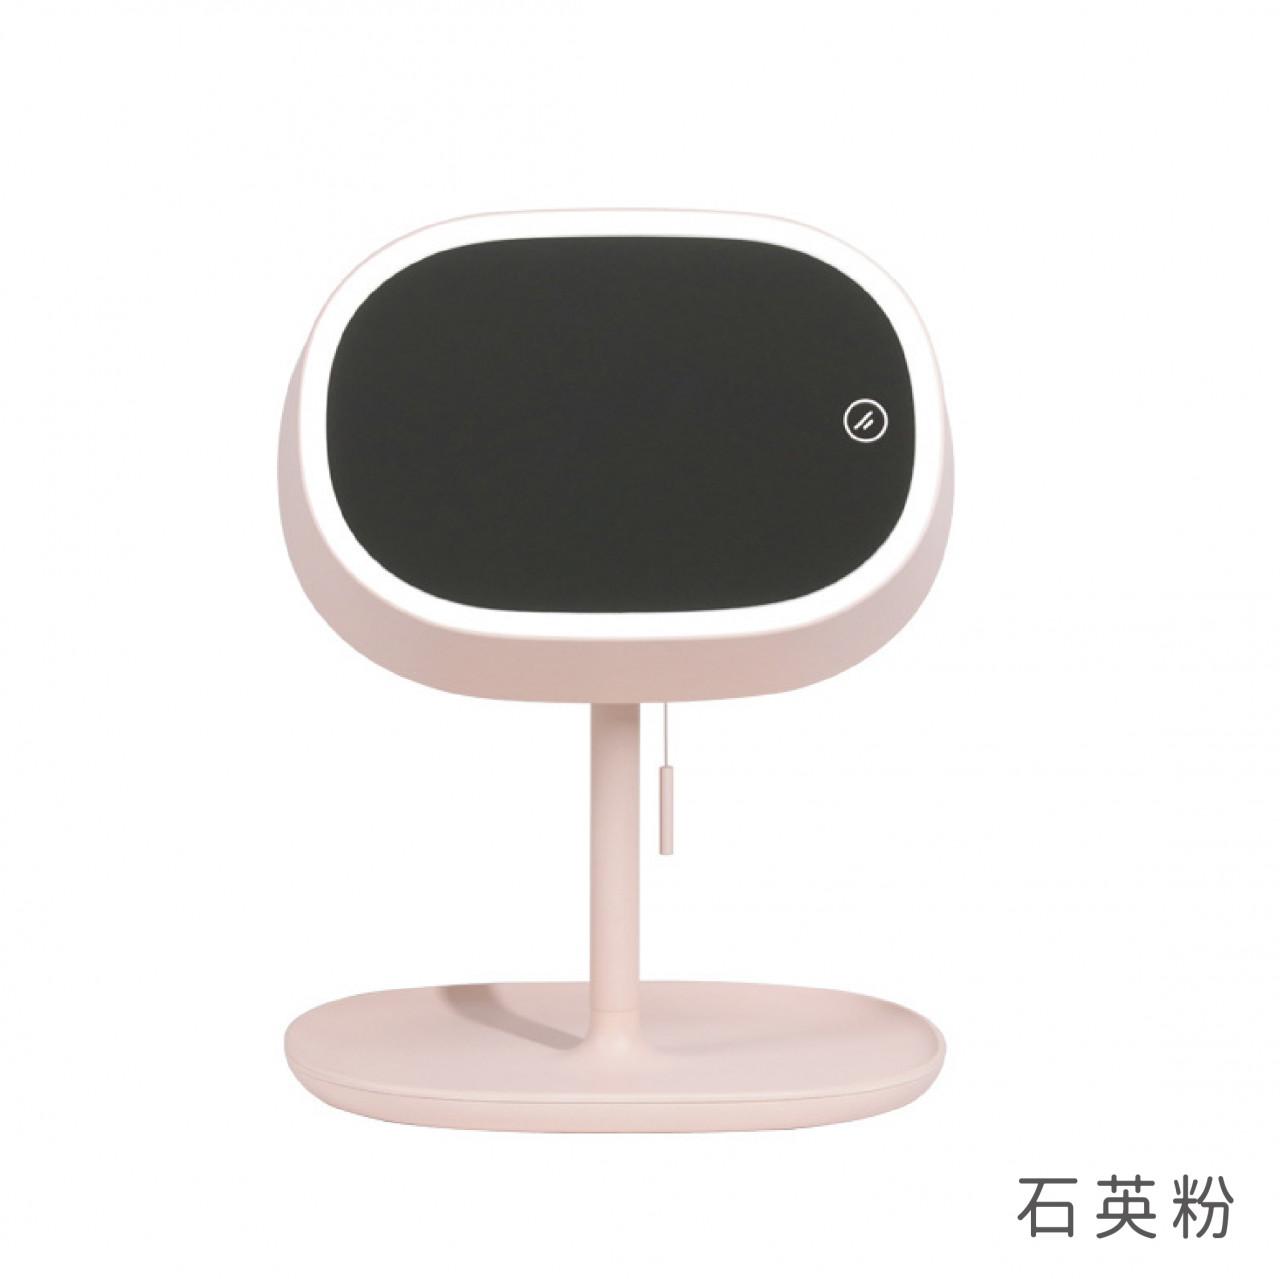 第二代蘋果光化妝鏡檯燈-石英粉(預購:10/21依序出貨) - Color Tree